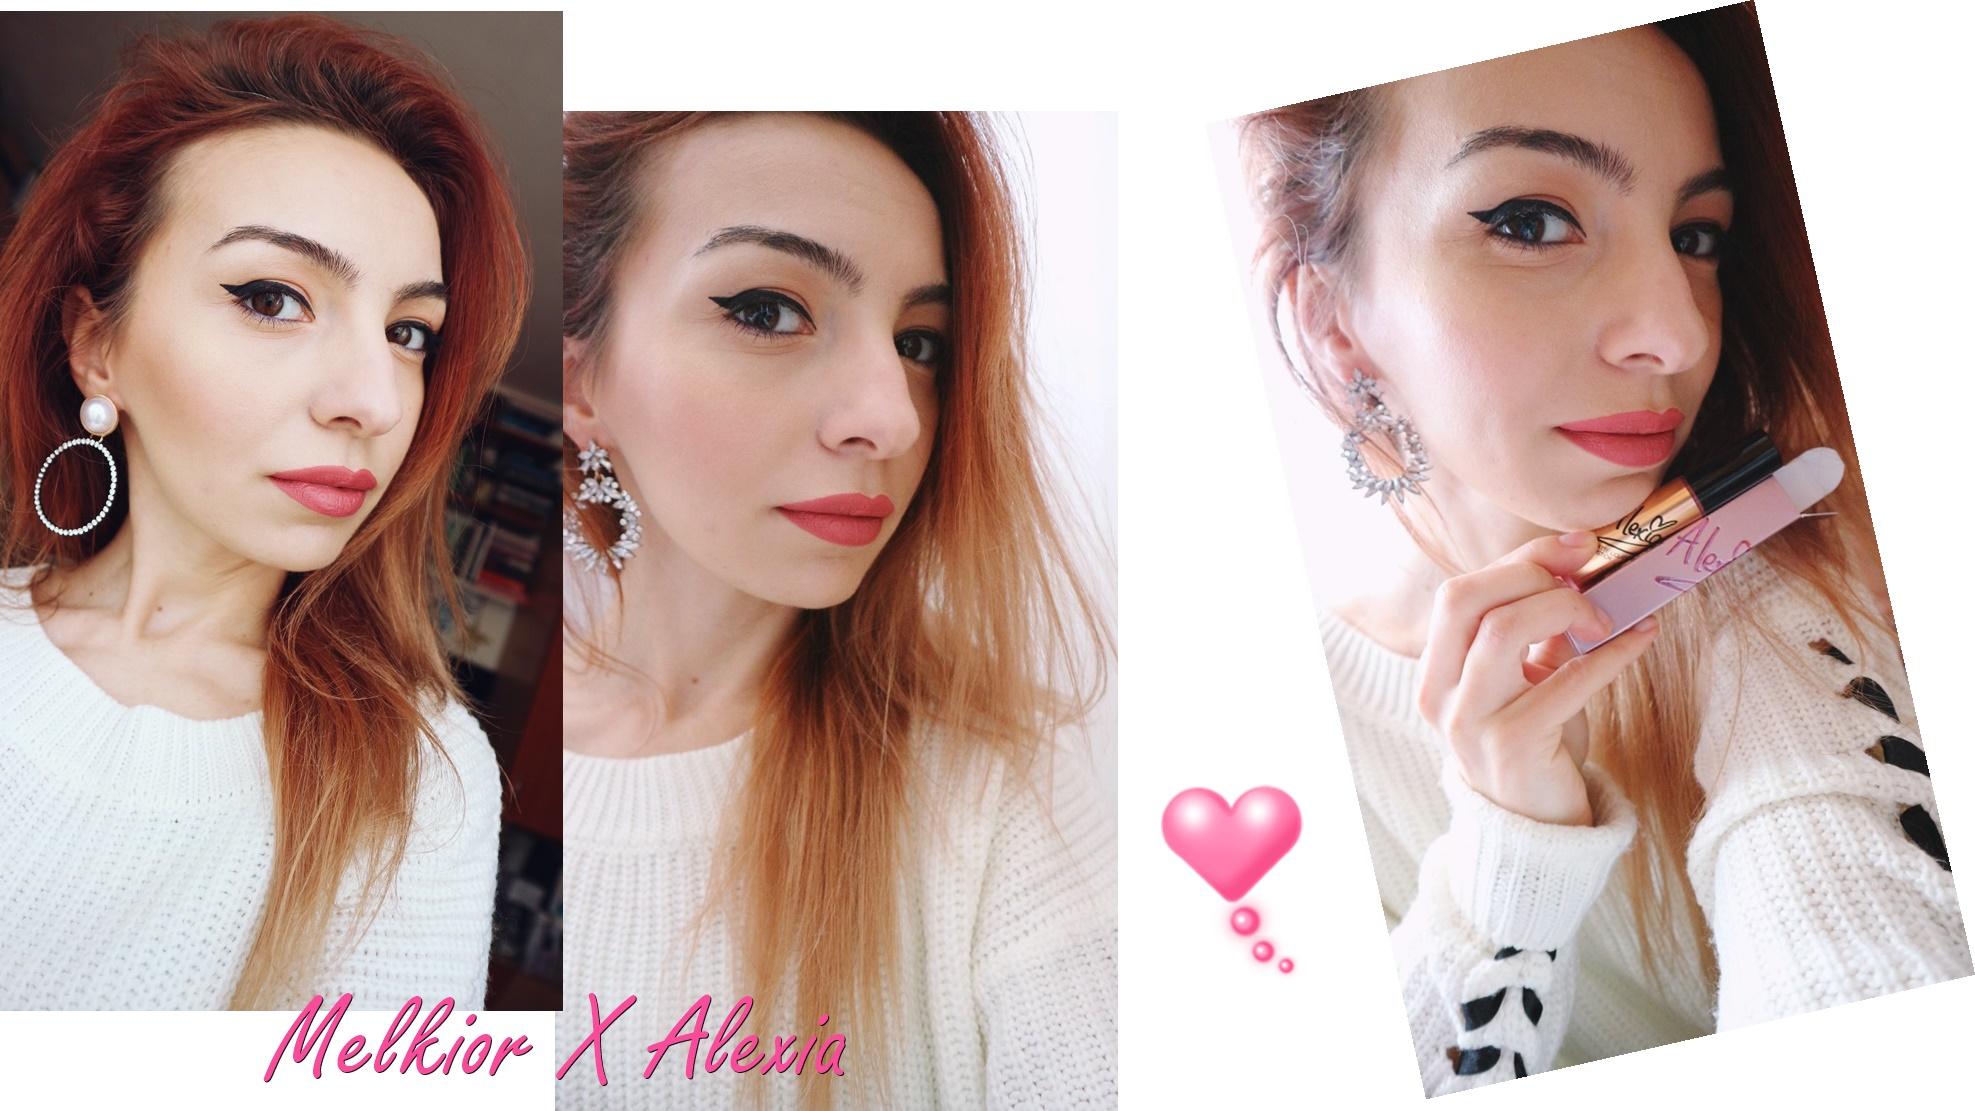 Melkior X Alexia Eram lipstick swatch by Ioana Radu